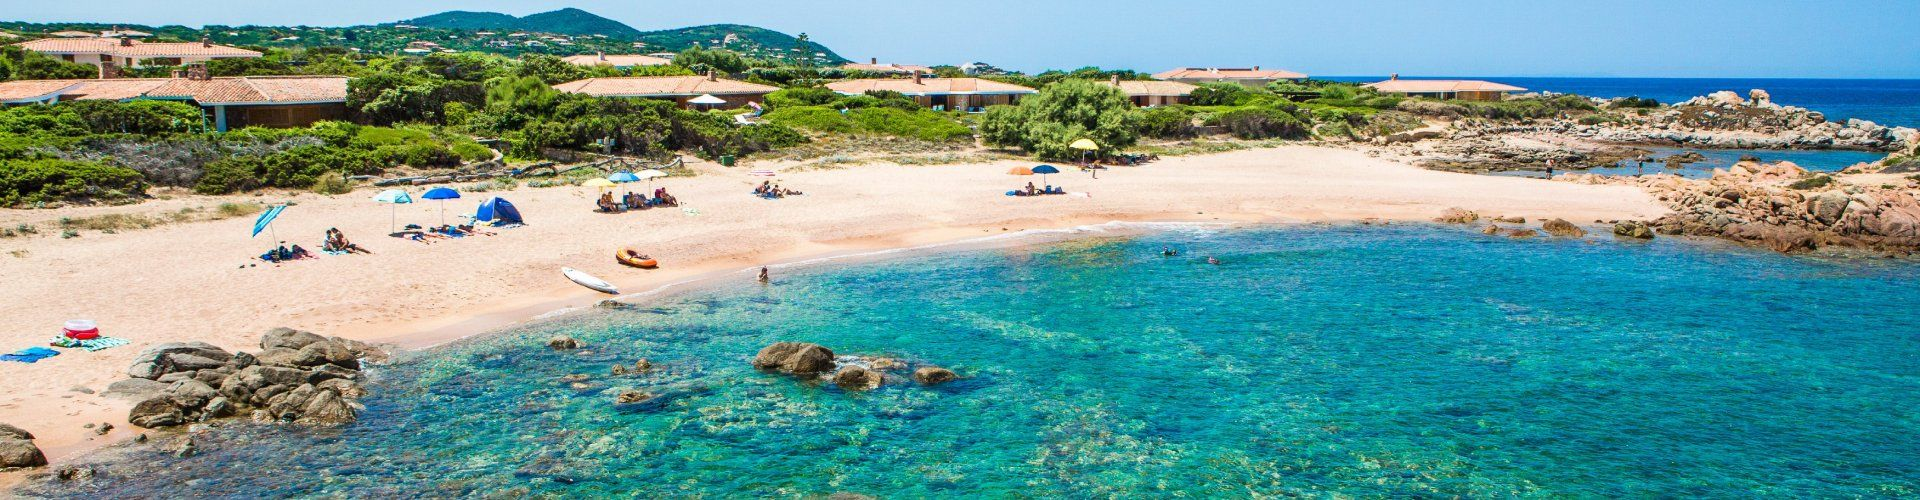 Spiaggia Portobello